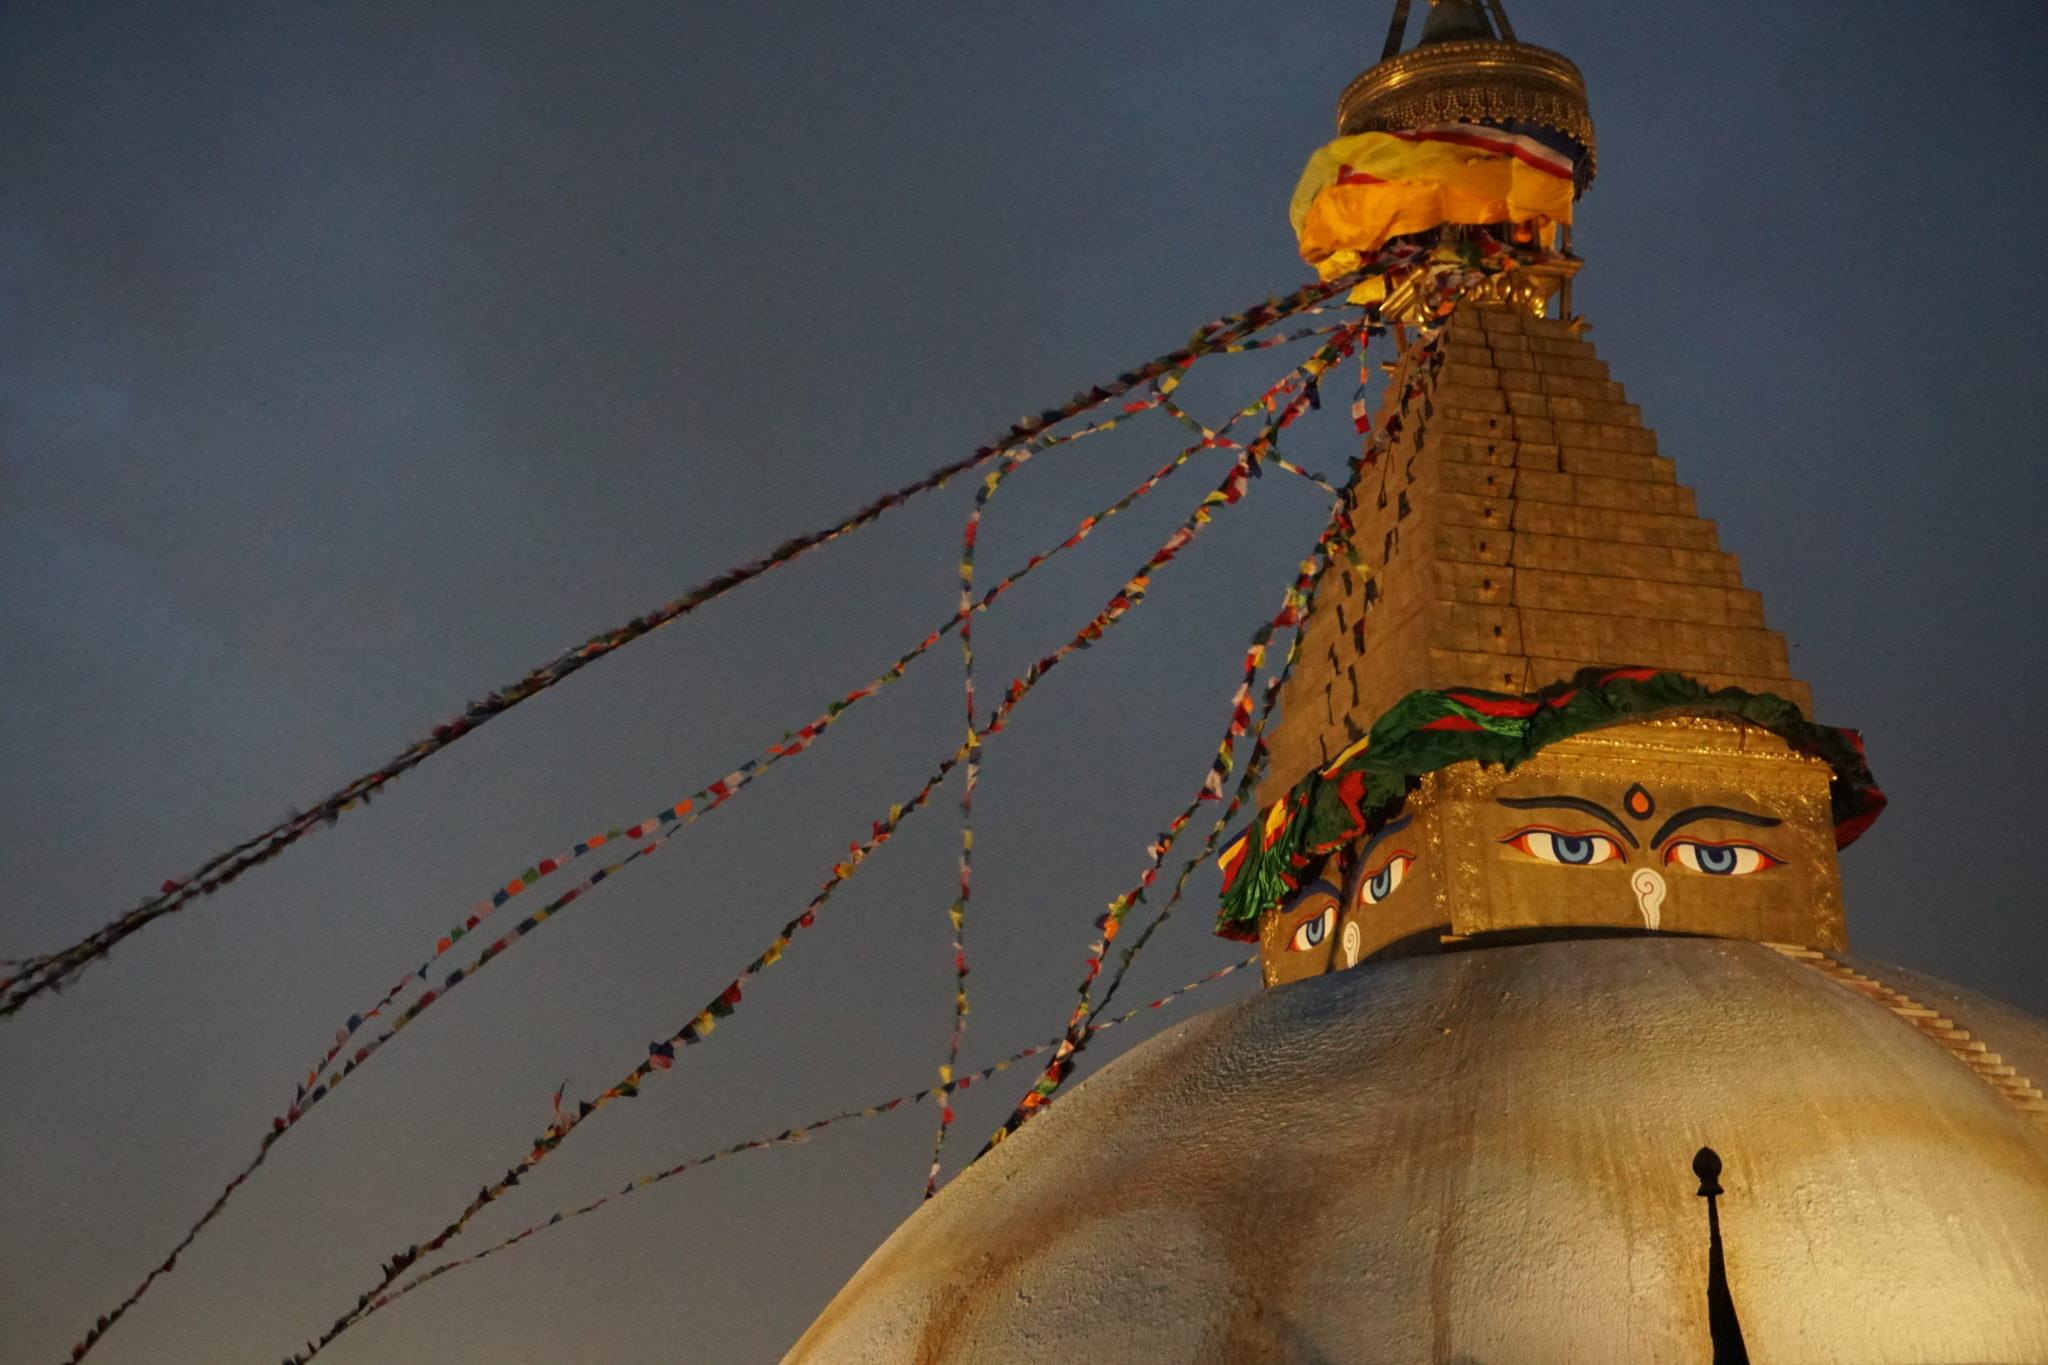 Dach der Boudha-Stupa vor dunkel-lilanem Himmel